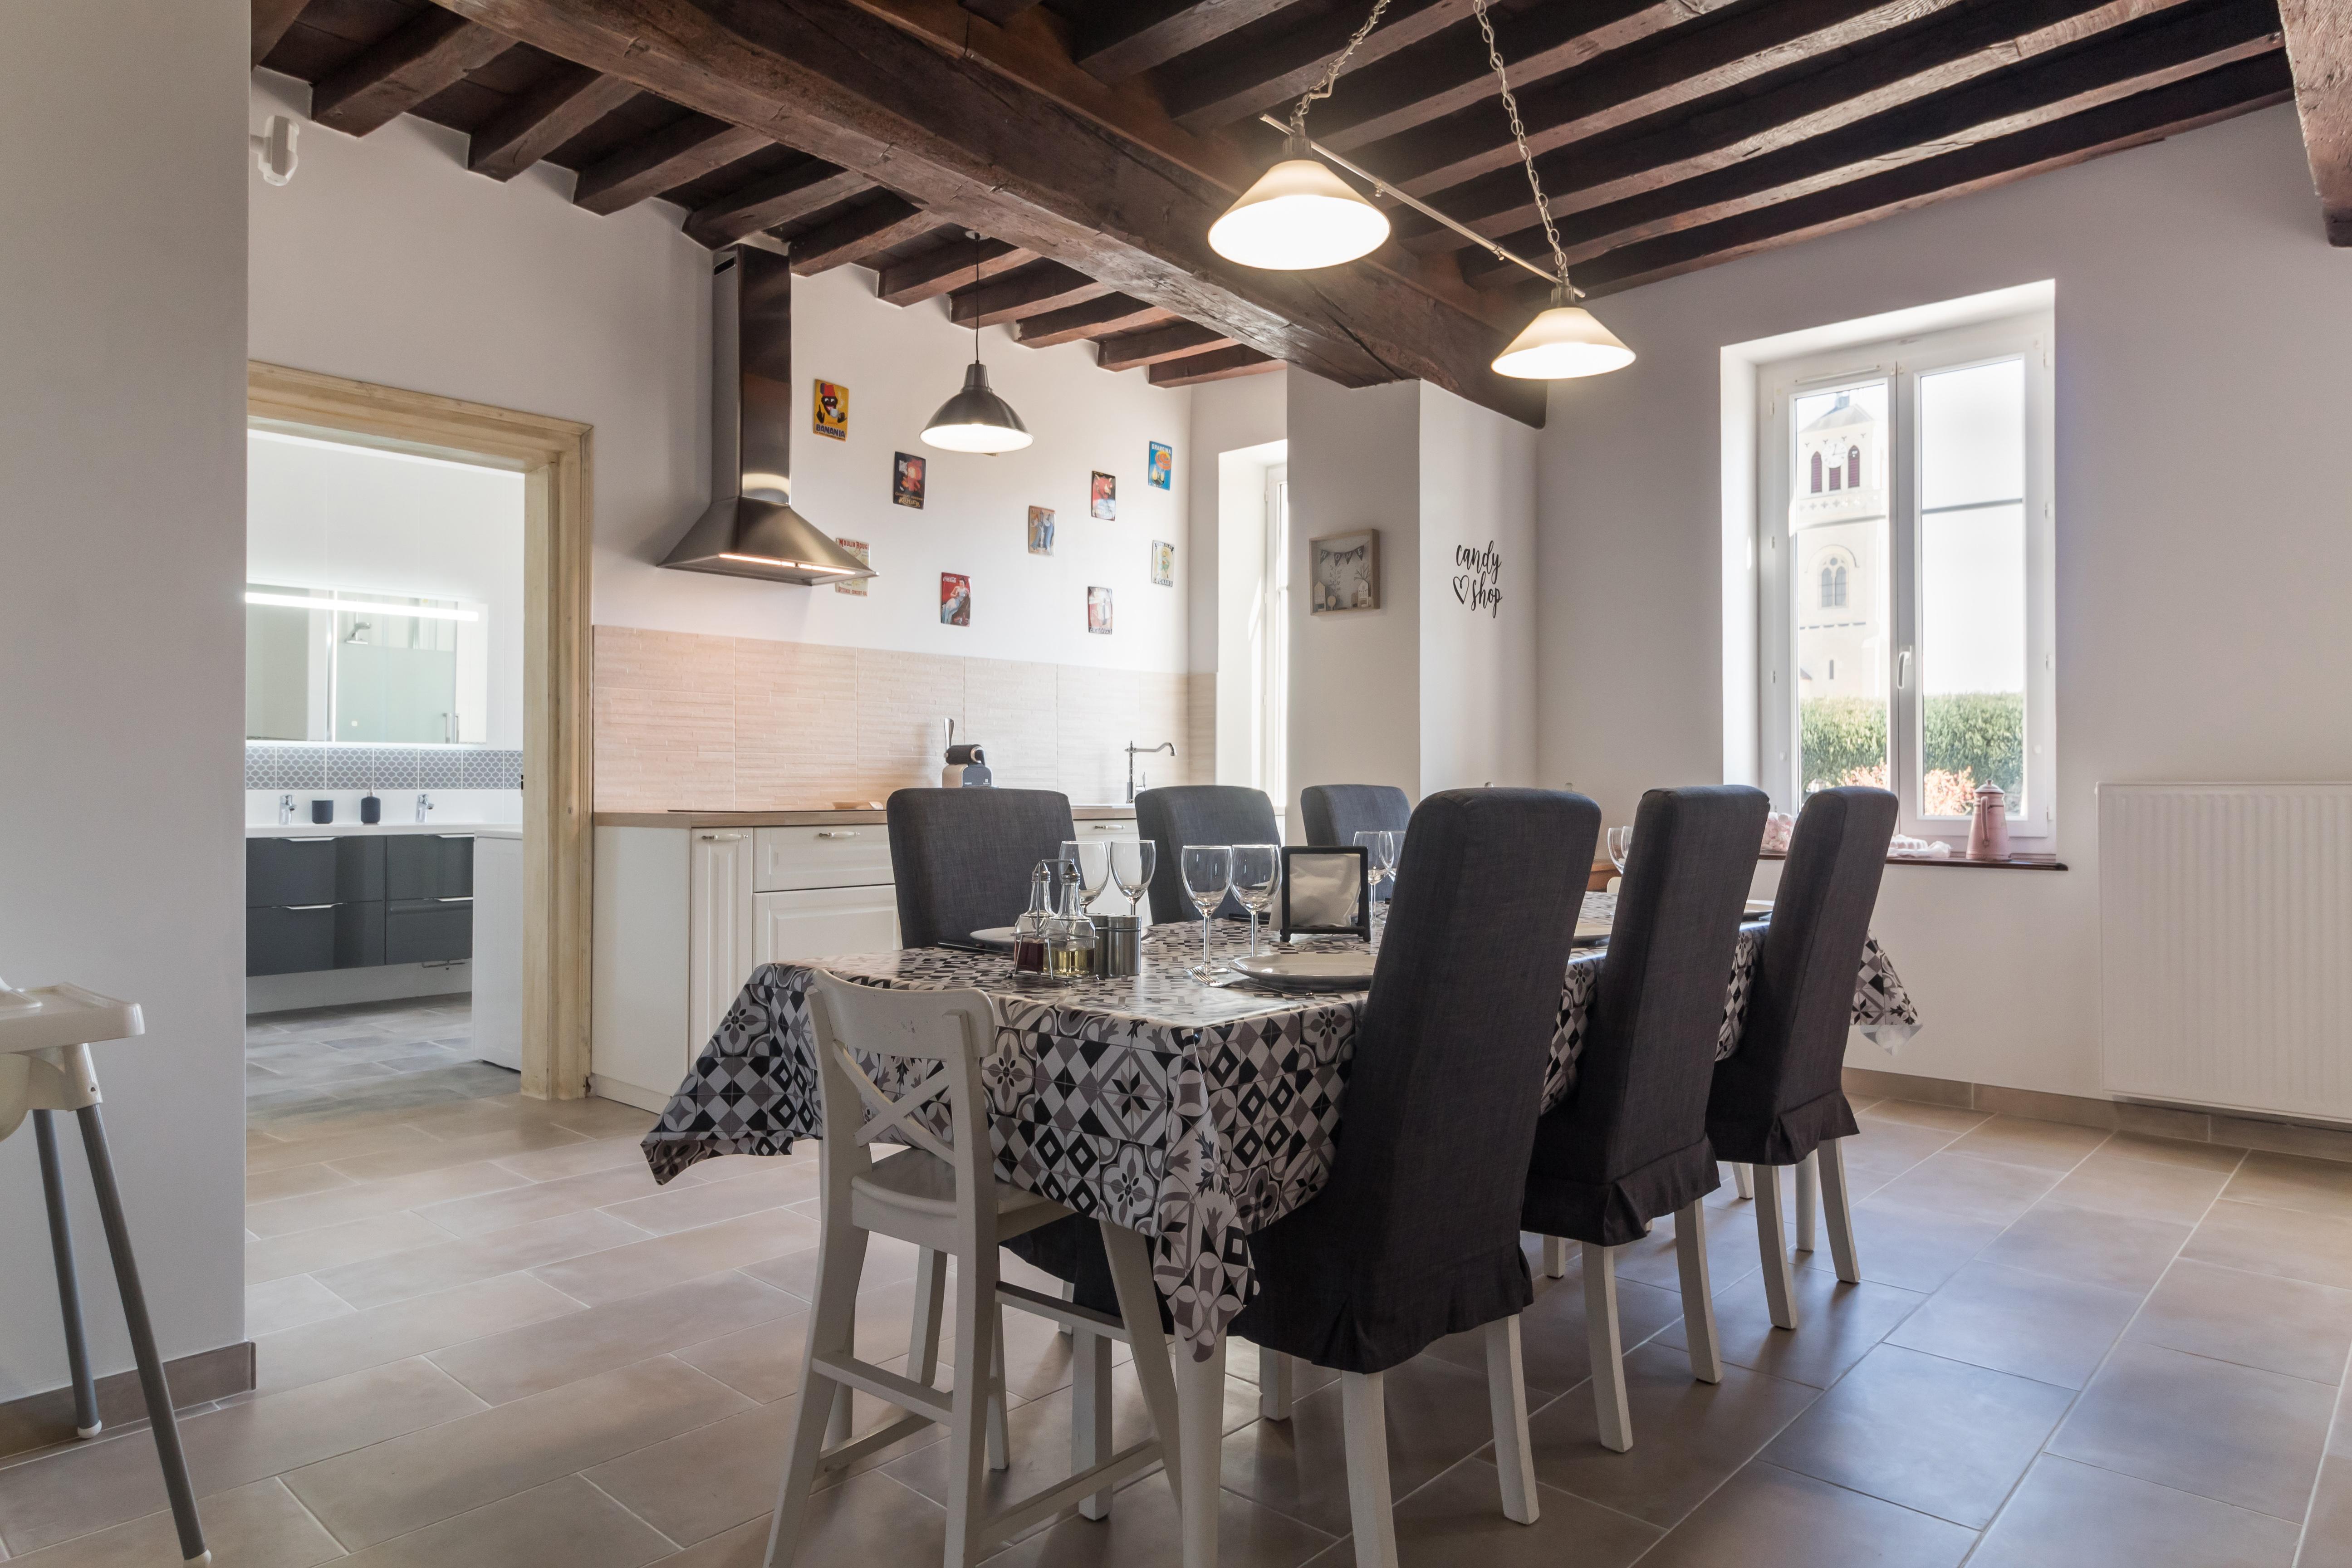 Une salle à manger dans la cuisine équipée pour les jeunes enfants